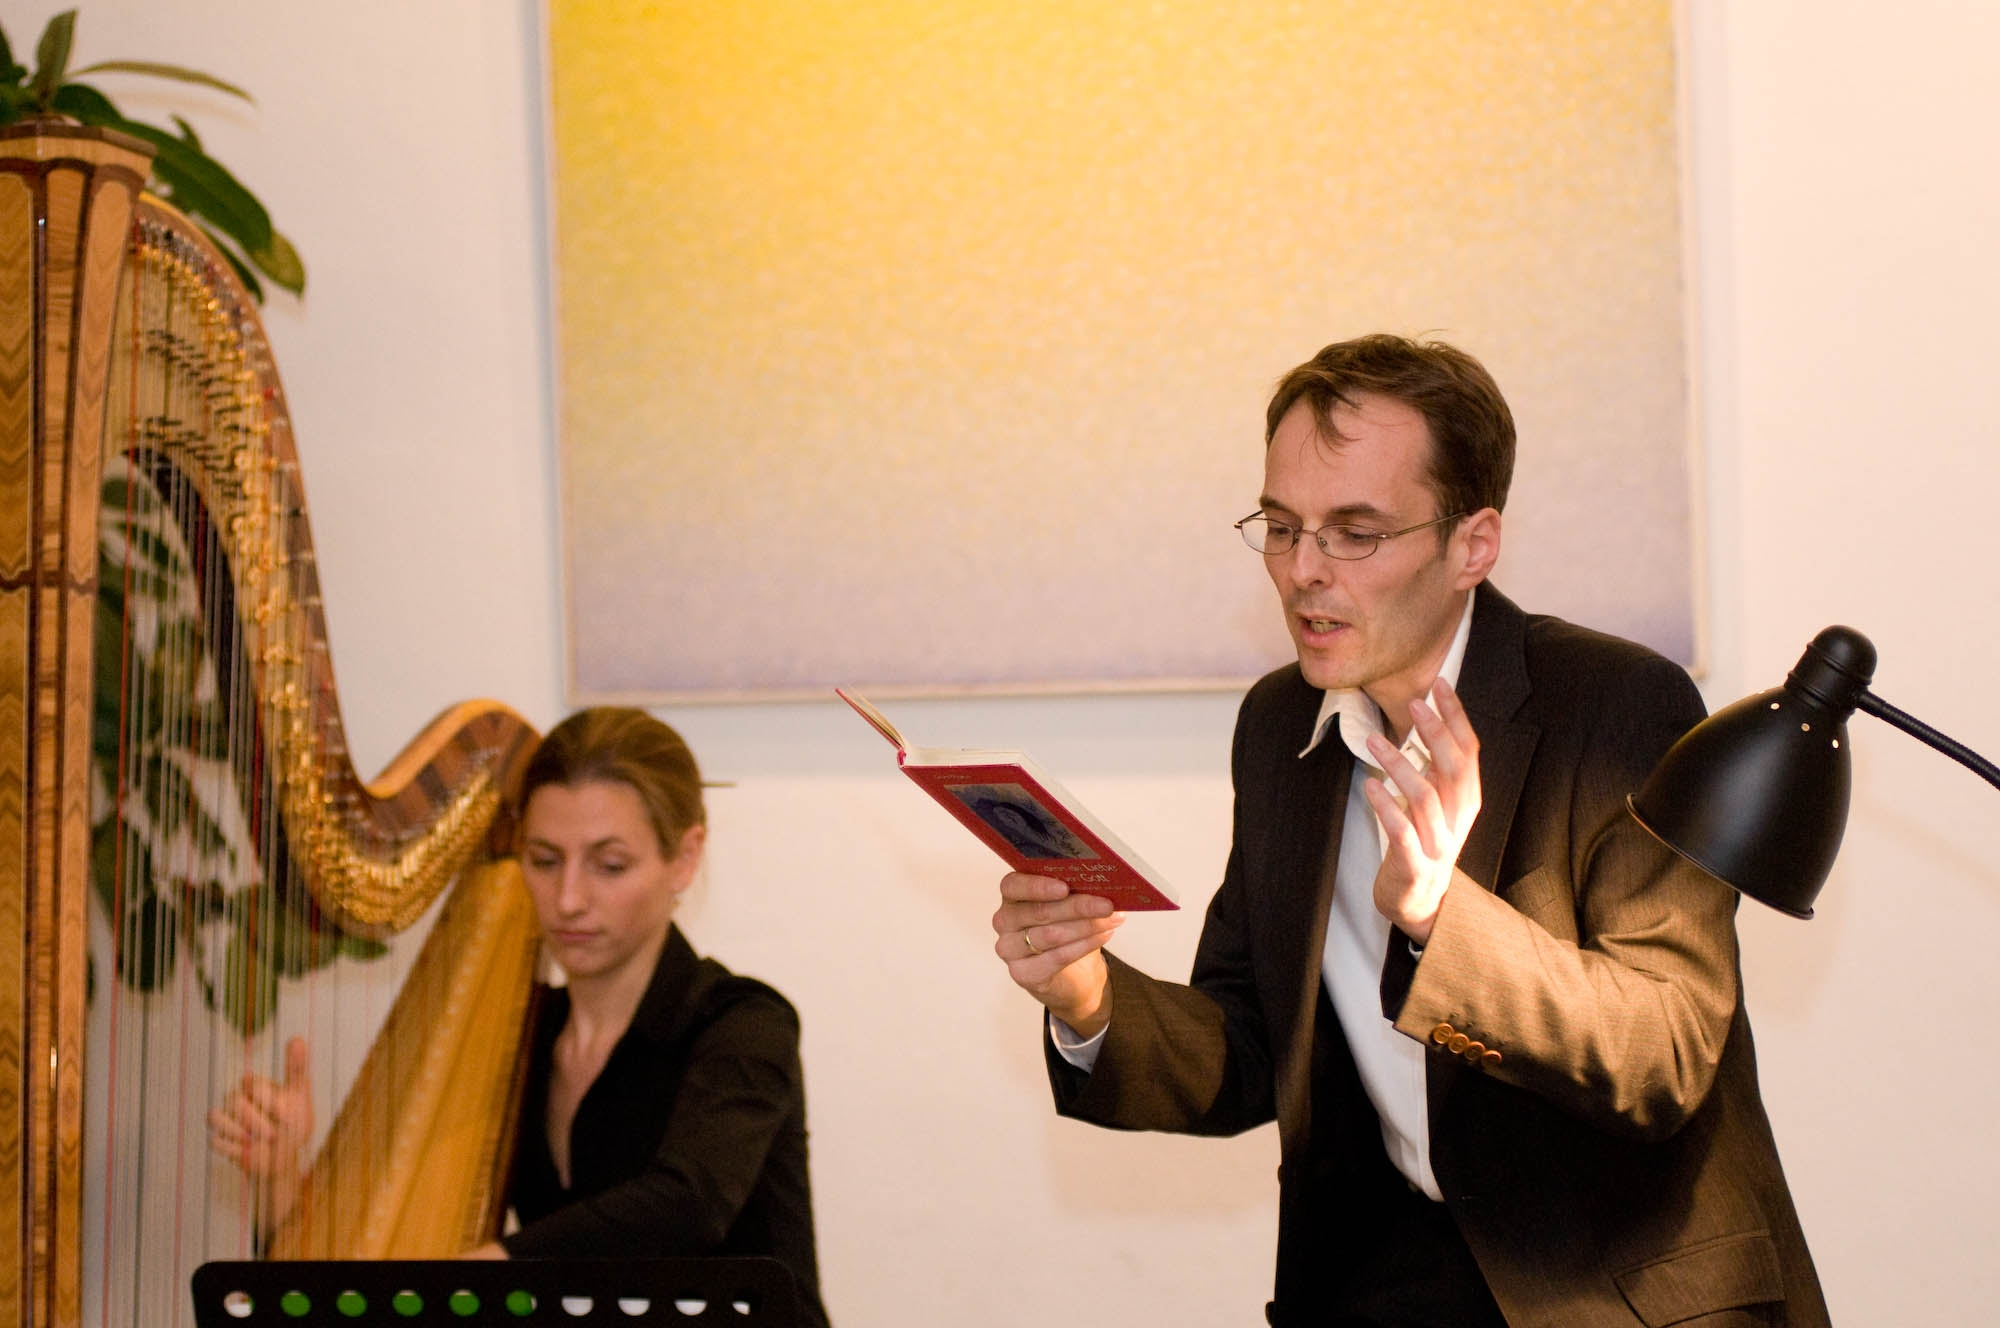 Bettina Linck und Georg Magirius sind zu hören in der Elbenröder Kirche, die geheimnisvoll verwinkelt ist. Die Moderation des Weihnchtskonzertes hat Pfarrer Horst Nold